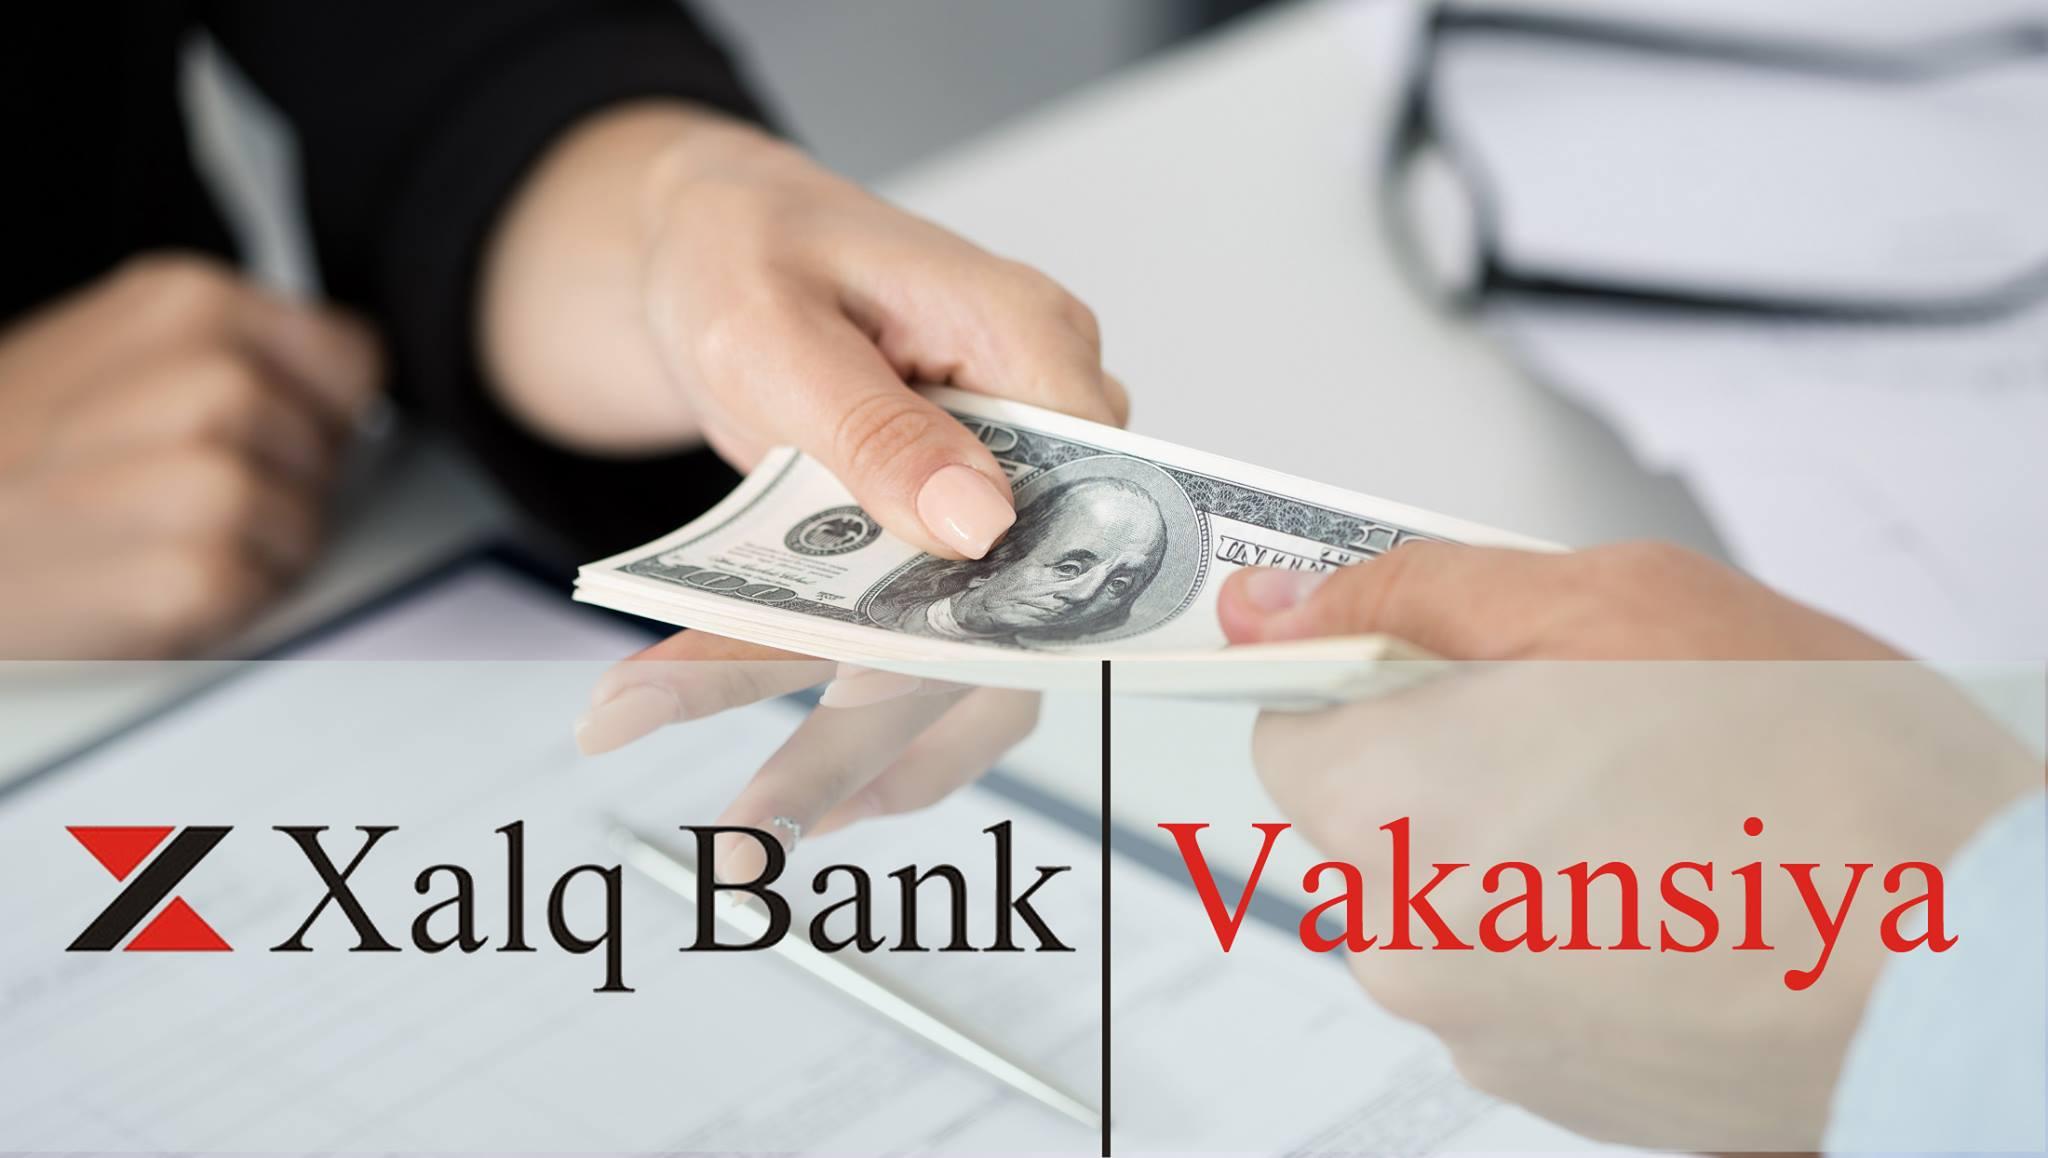 Xalq Bank 4 yeni vakansiya elan edib!